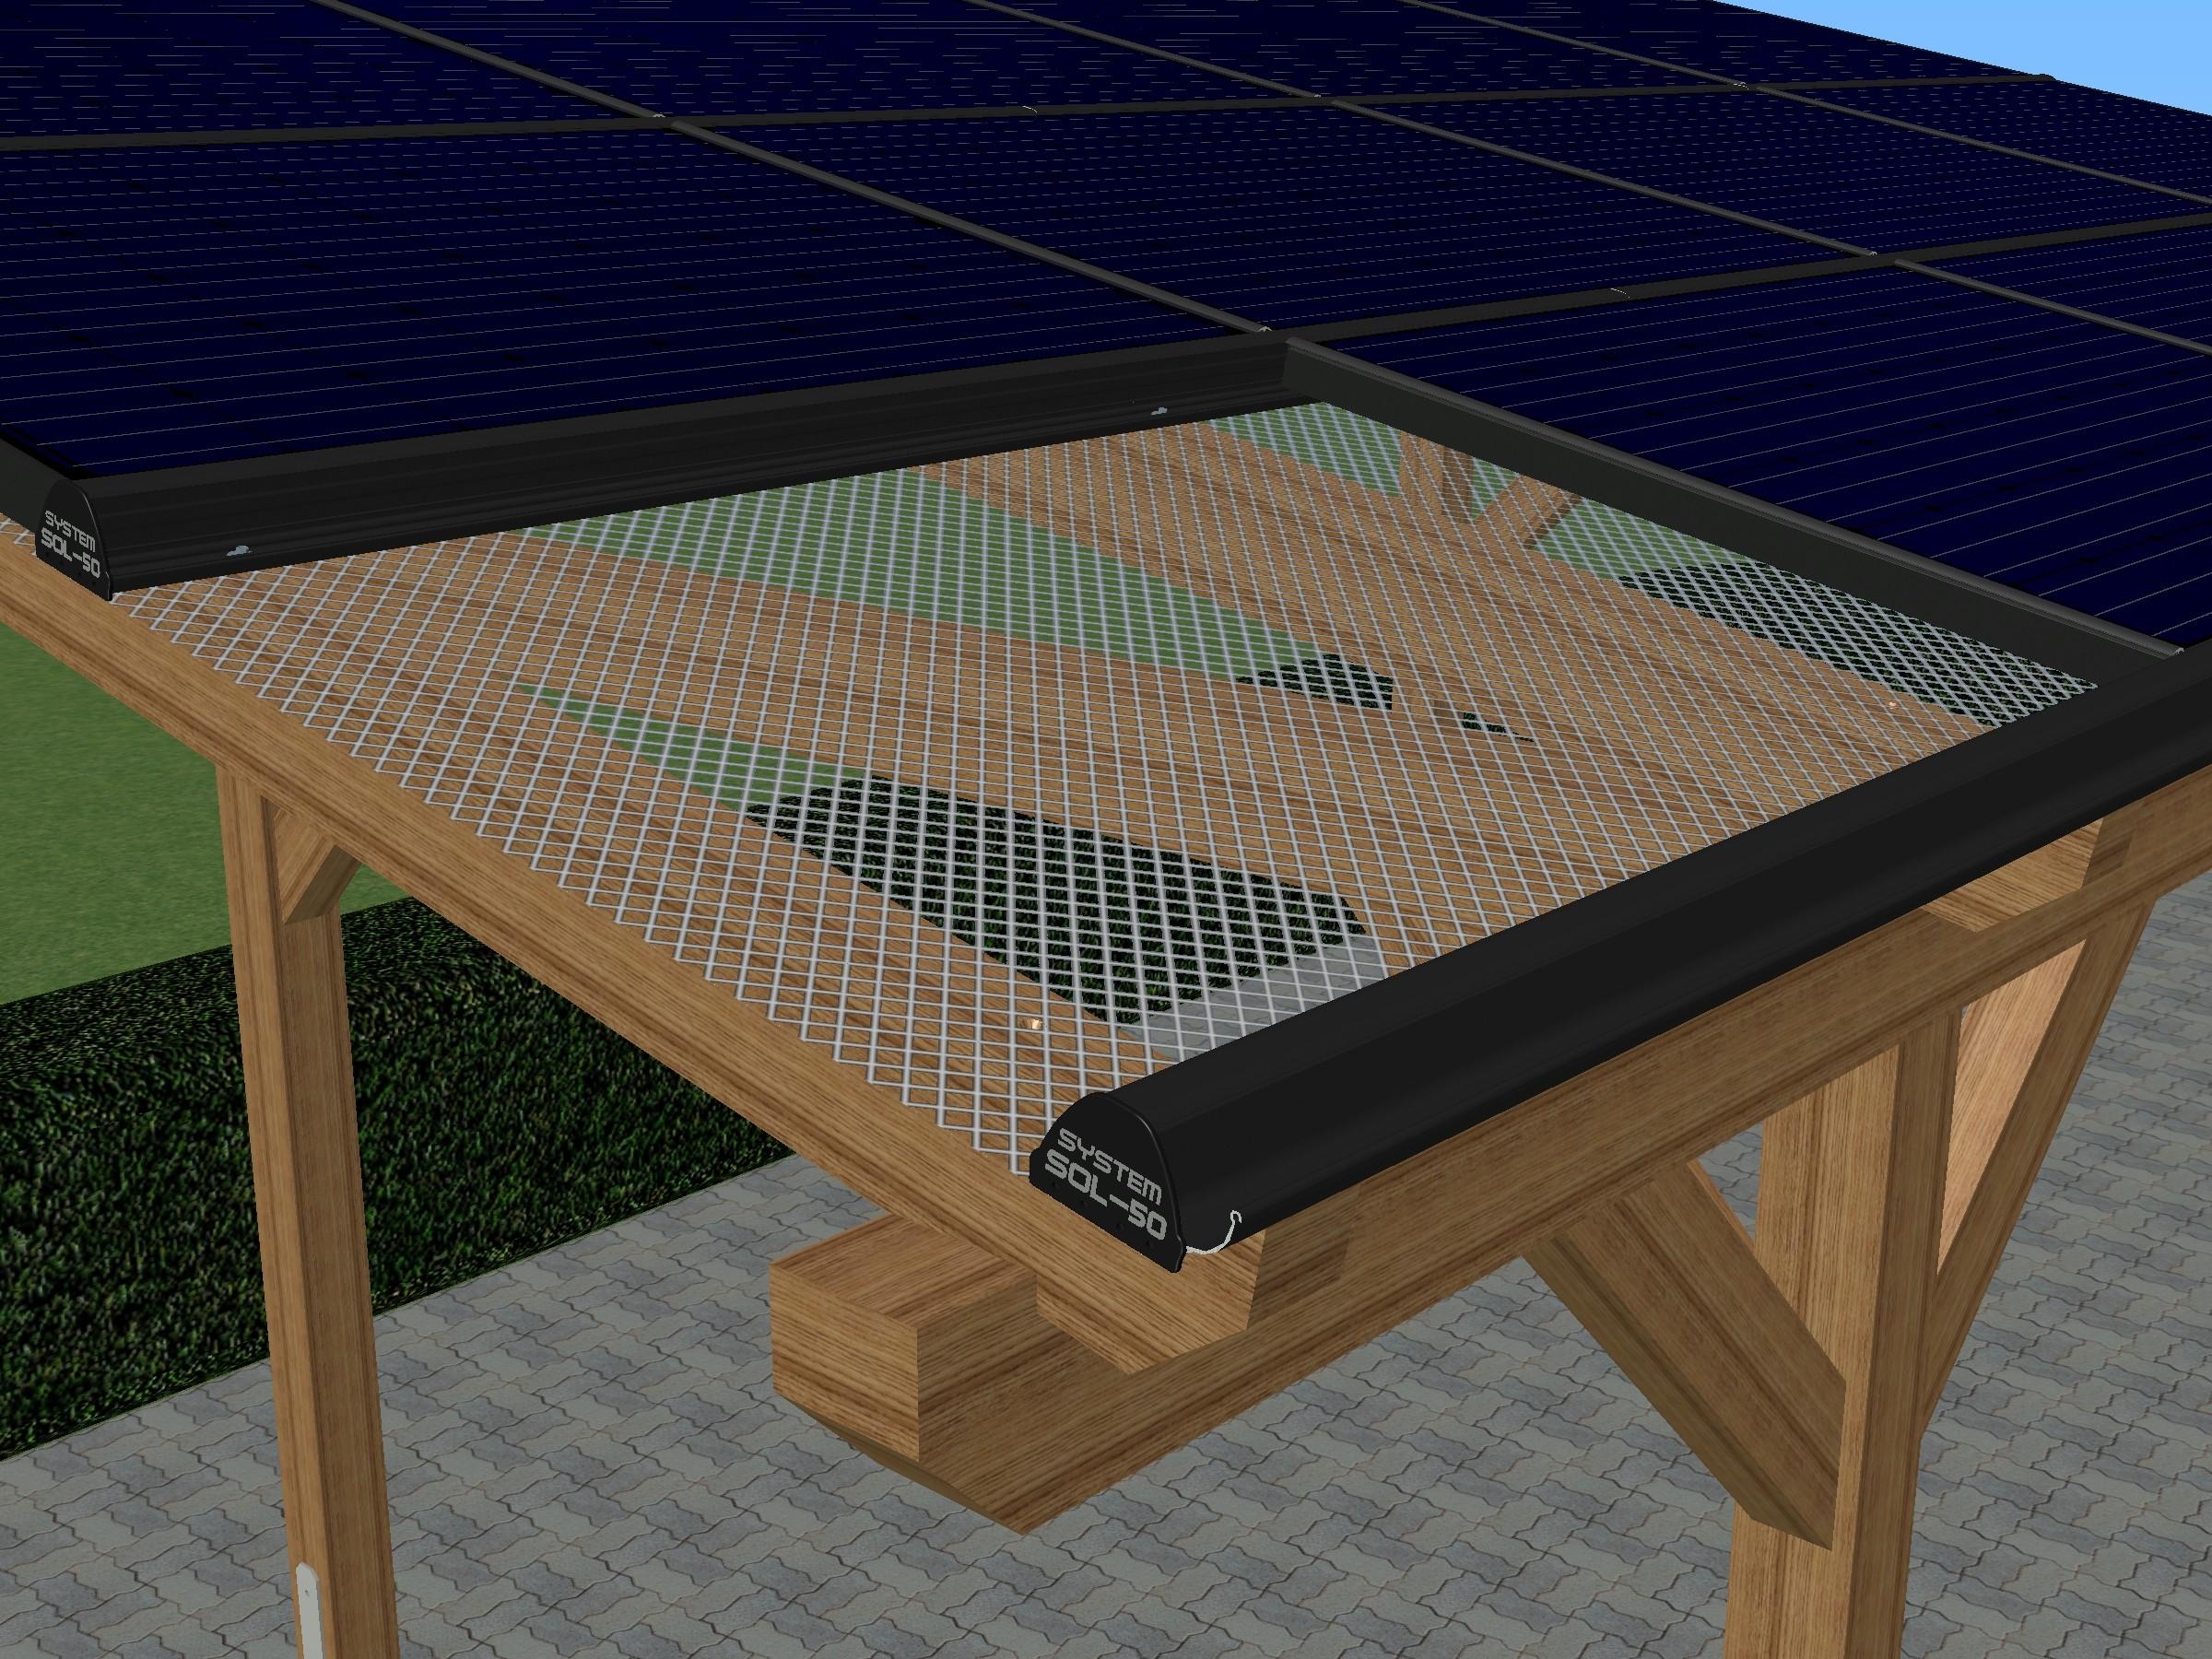 sol 50 solarcarport regenrinne 3m schwarz sen shop. Black Bedroom Furniture Sets. Home Design Ideas